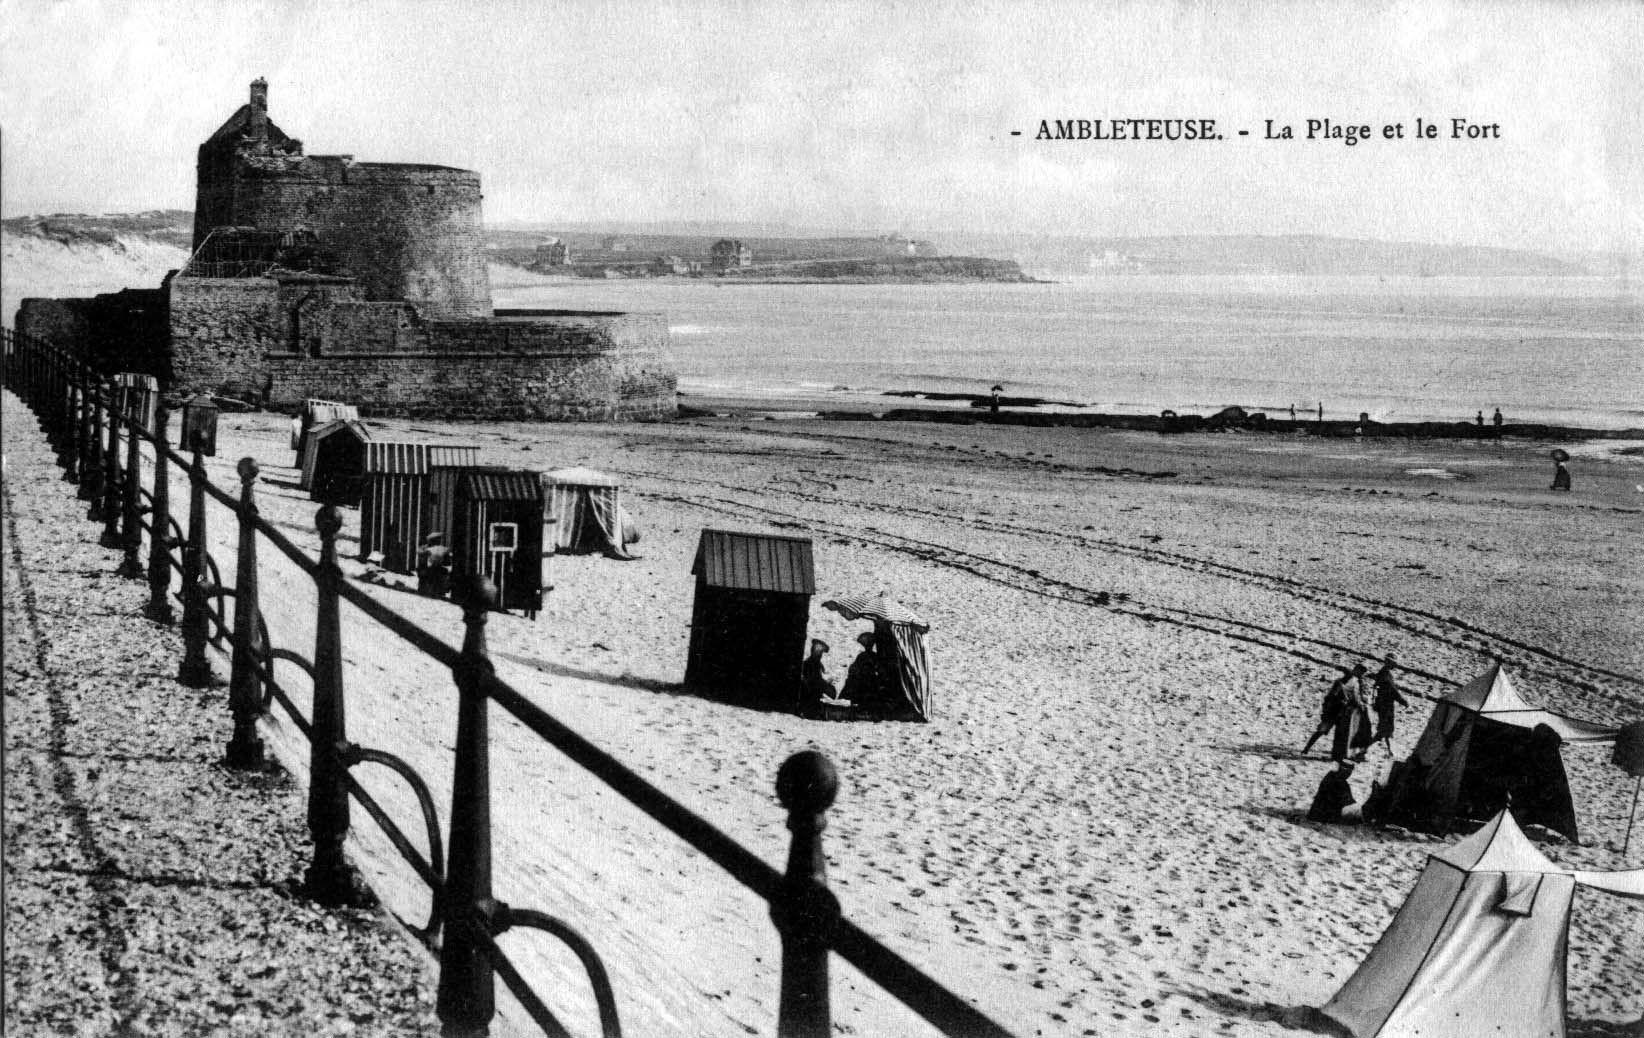 Ambleteuse - la plage et le fort